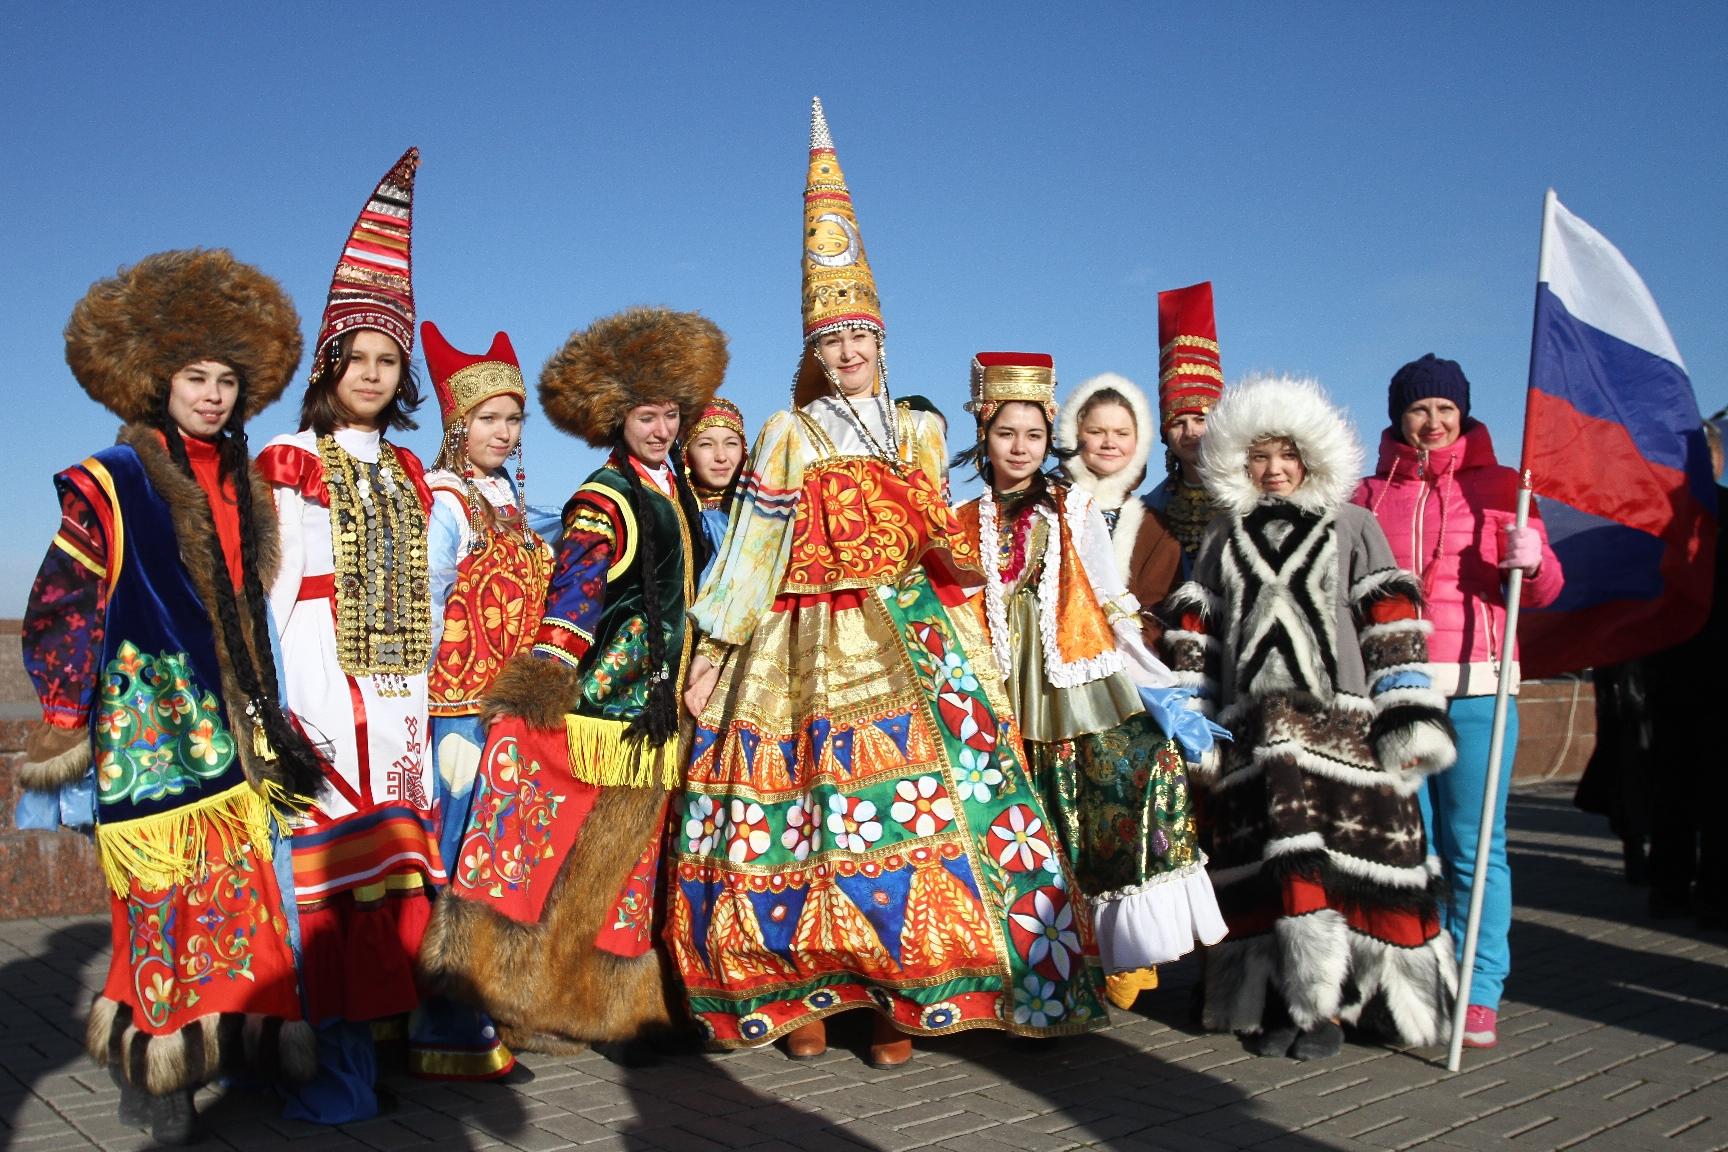 Открытки для посткроссинга в москве онлайн-конкурс